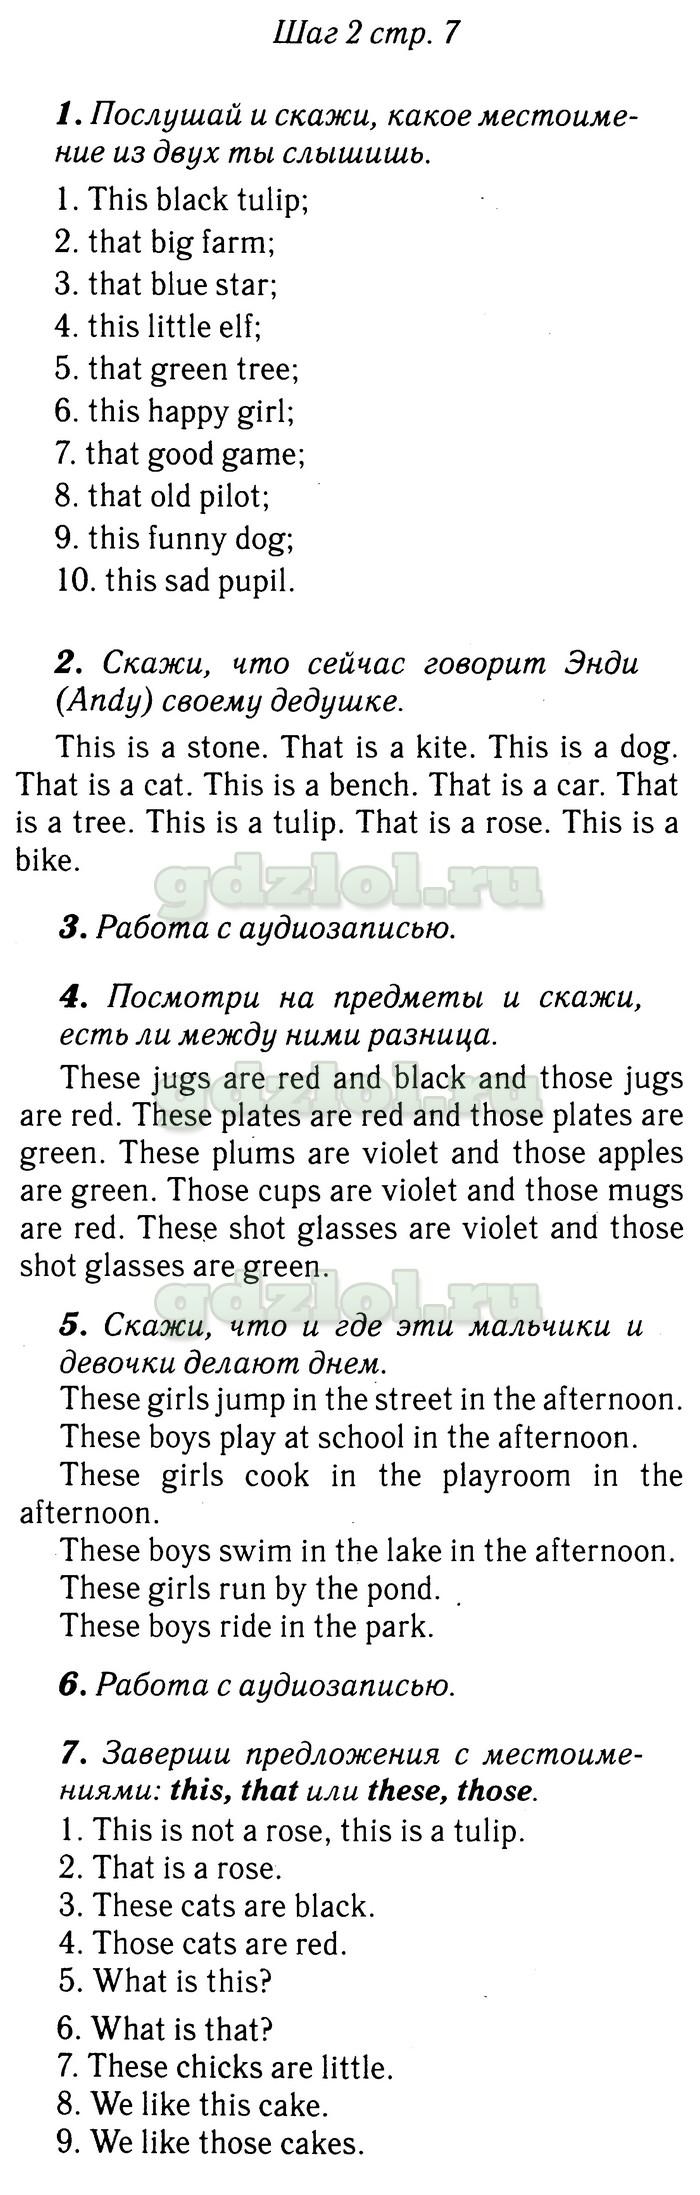 учебник язык класс 2 ответы часть гдз афанасьева михеева 2 английский учебник